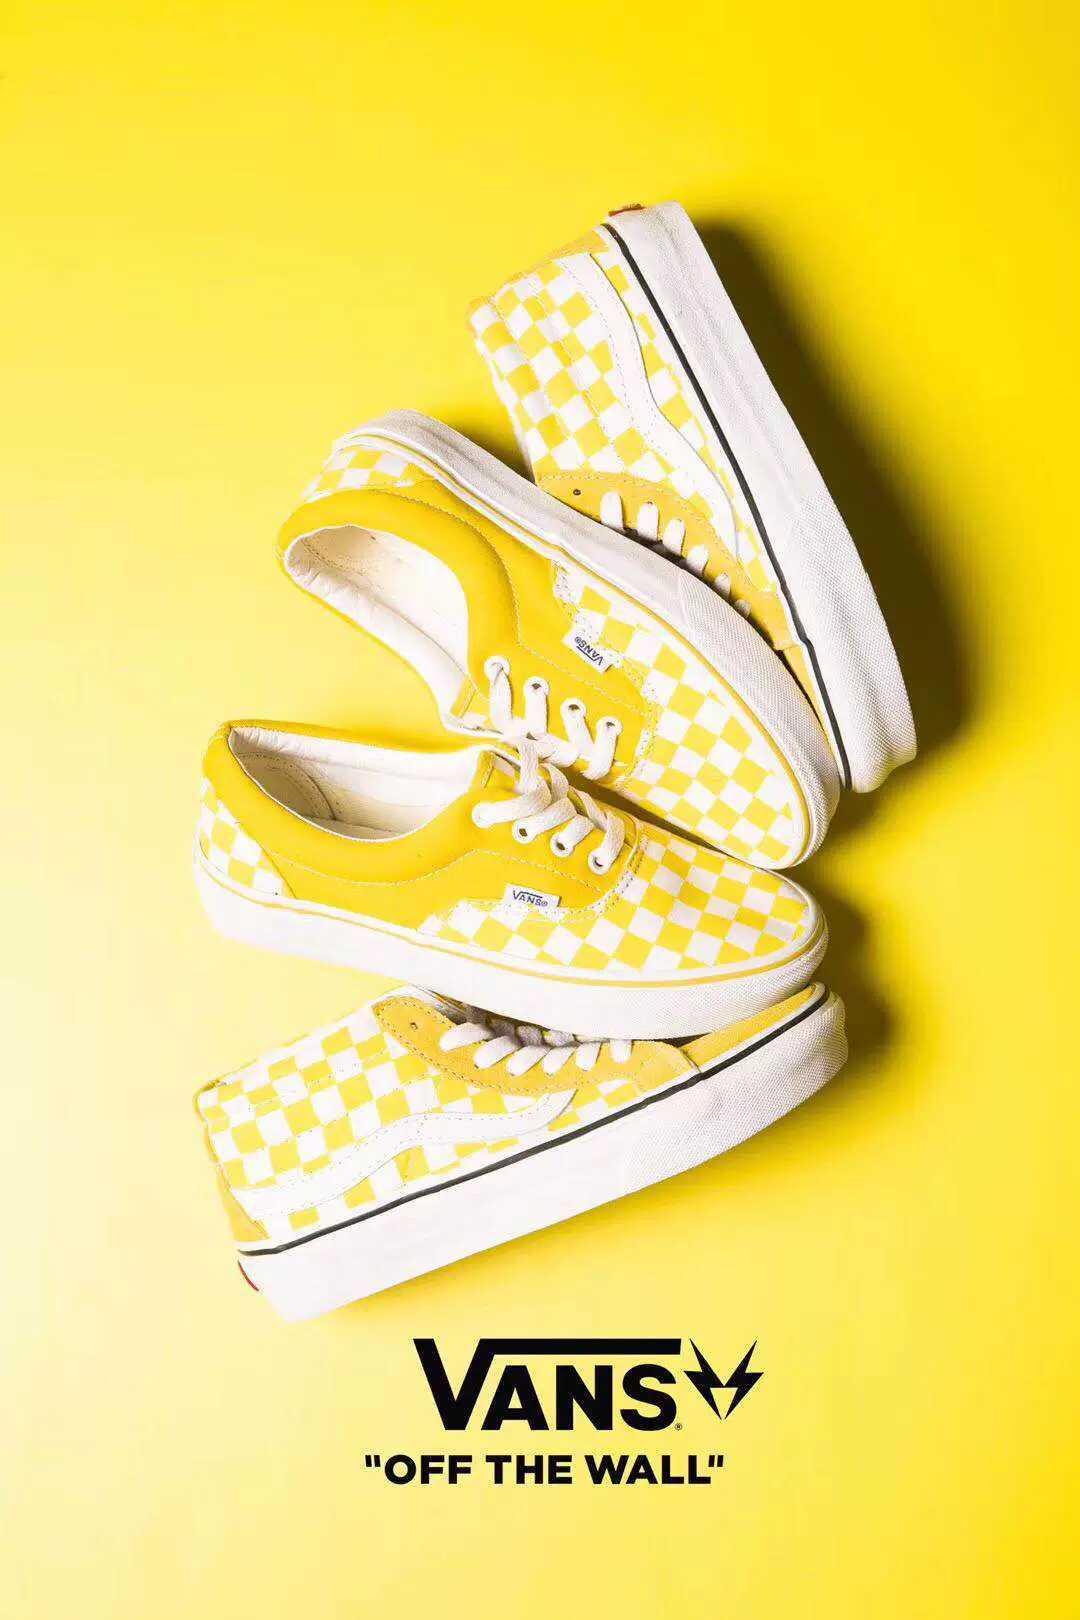 ?220 Vans范斯SK8-Mid 柠檬黄棋盘格休闲滑板鞋 尺码35-44